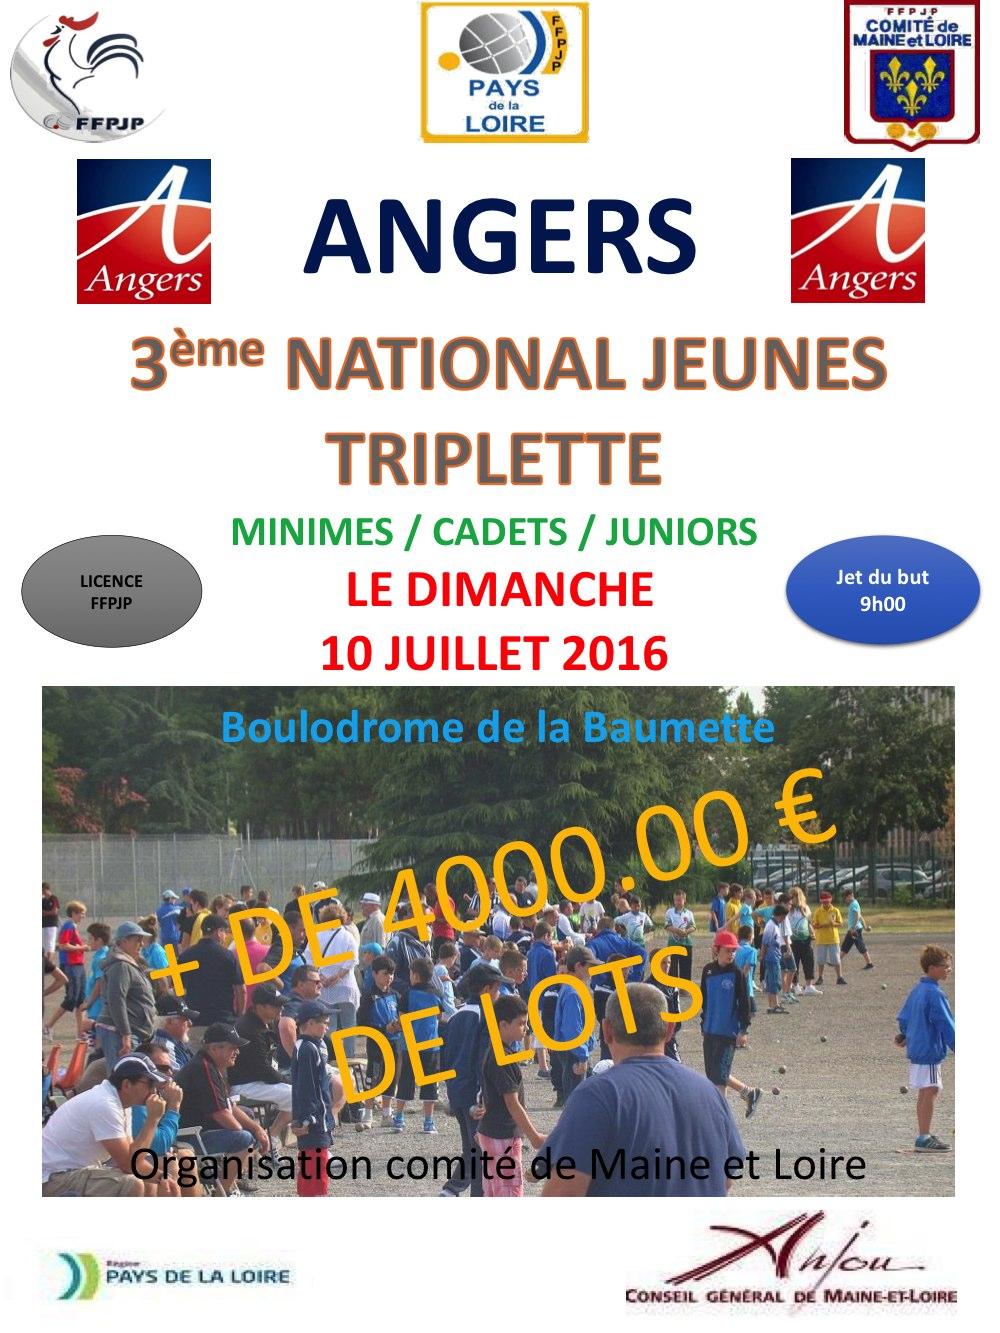 National Jeunes Angers